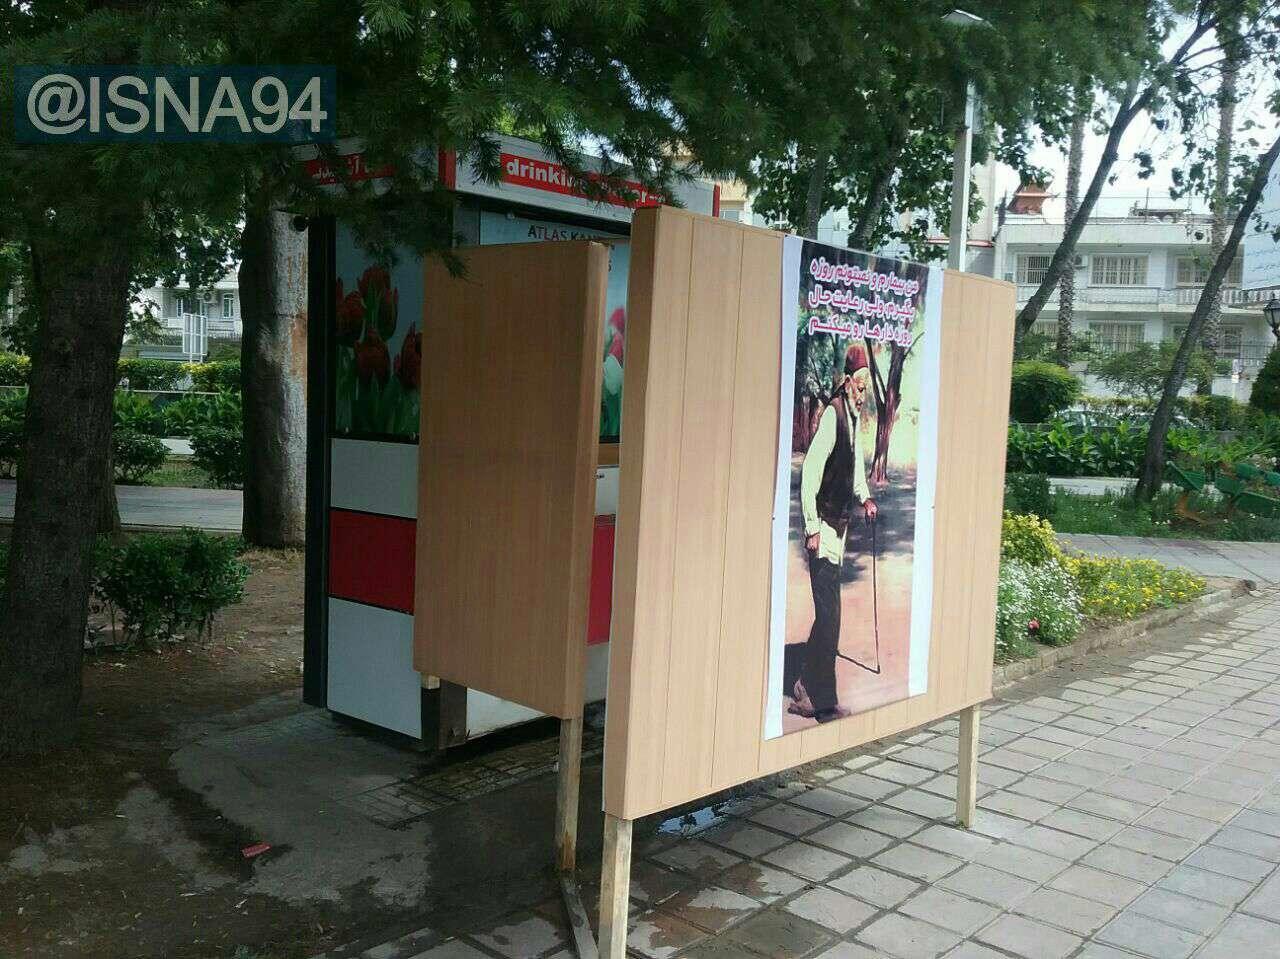 آبسردکن پارک شهر رشت در ماه رمضان، برای استفاده بیماران و مسافران